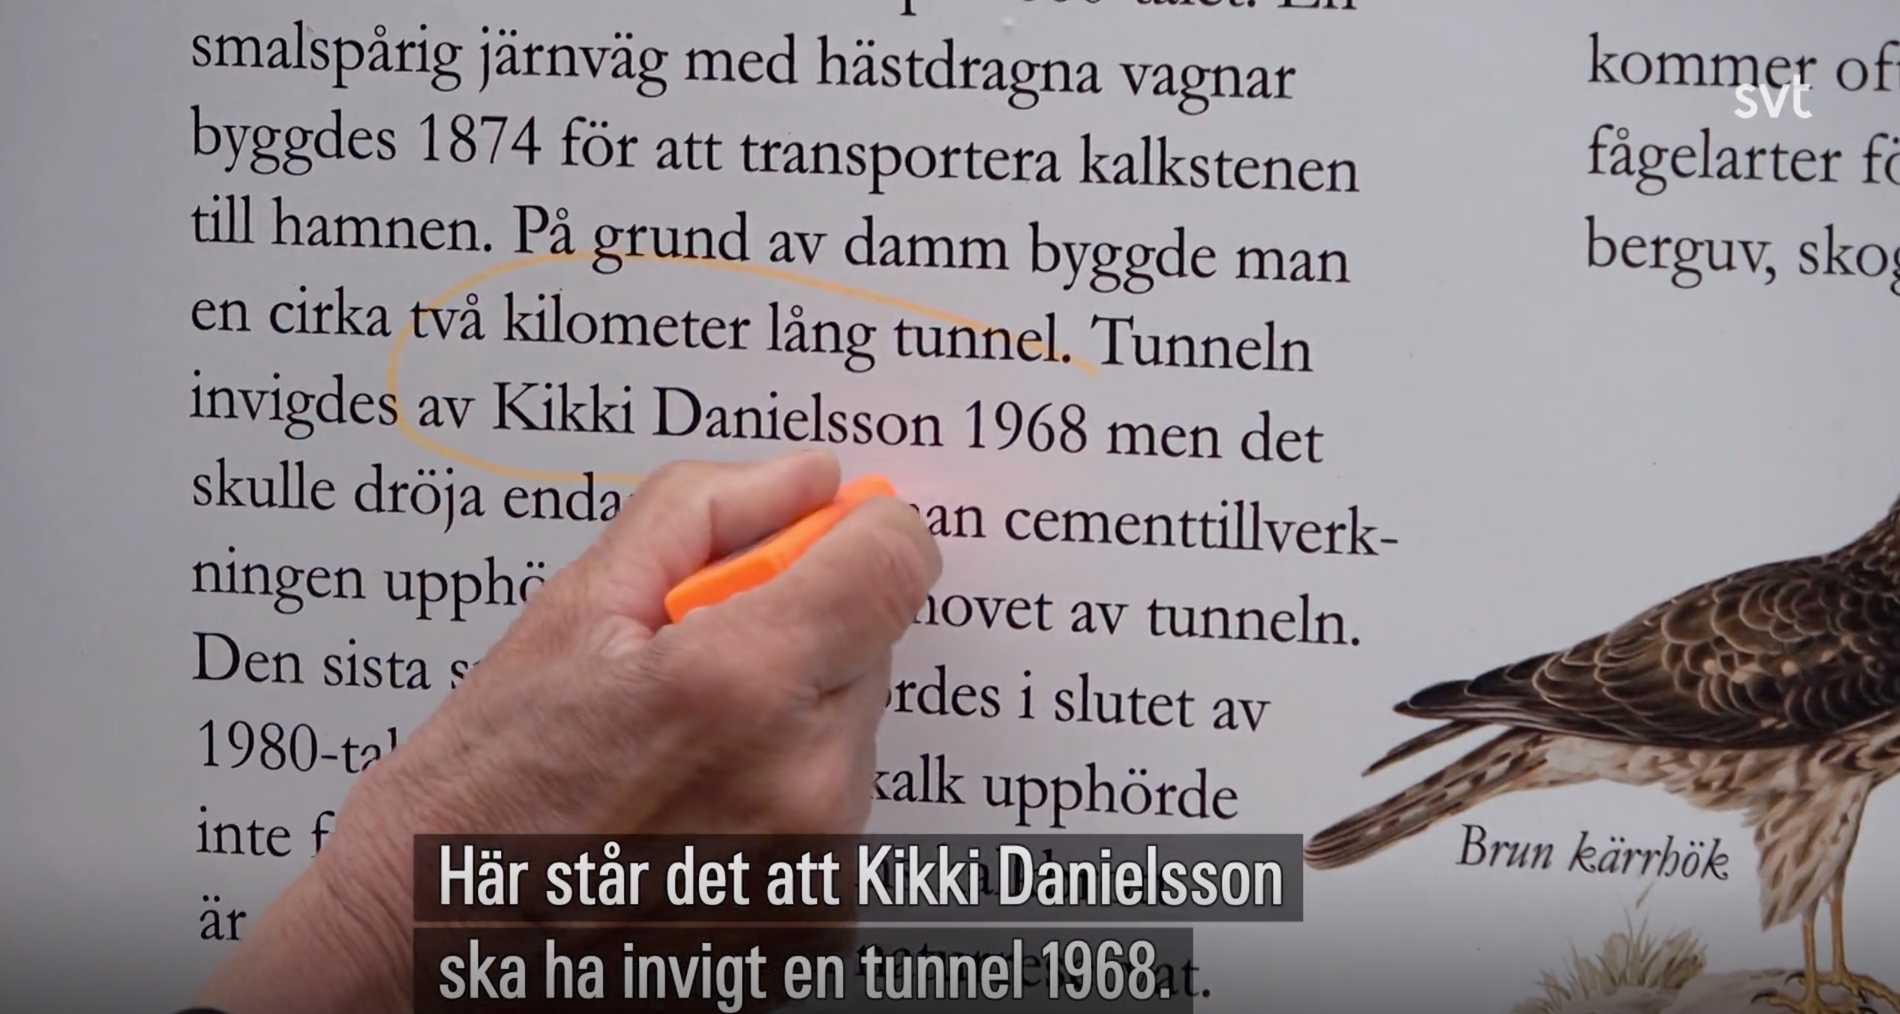 Blev kalkbrottet verkligen invigt av Kikki Danielsson?